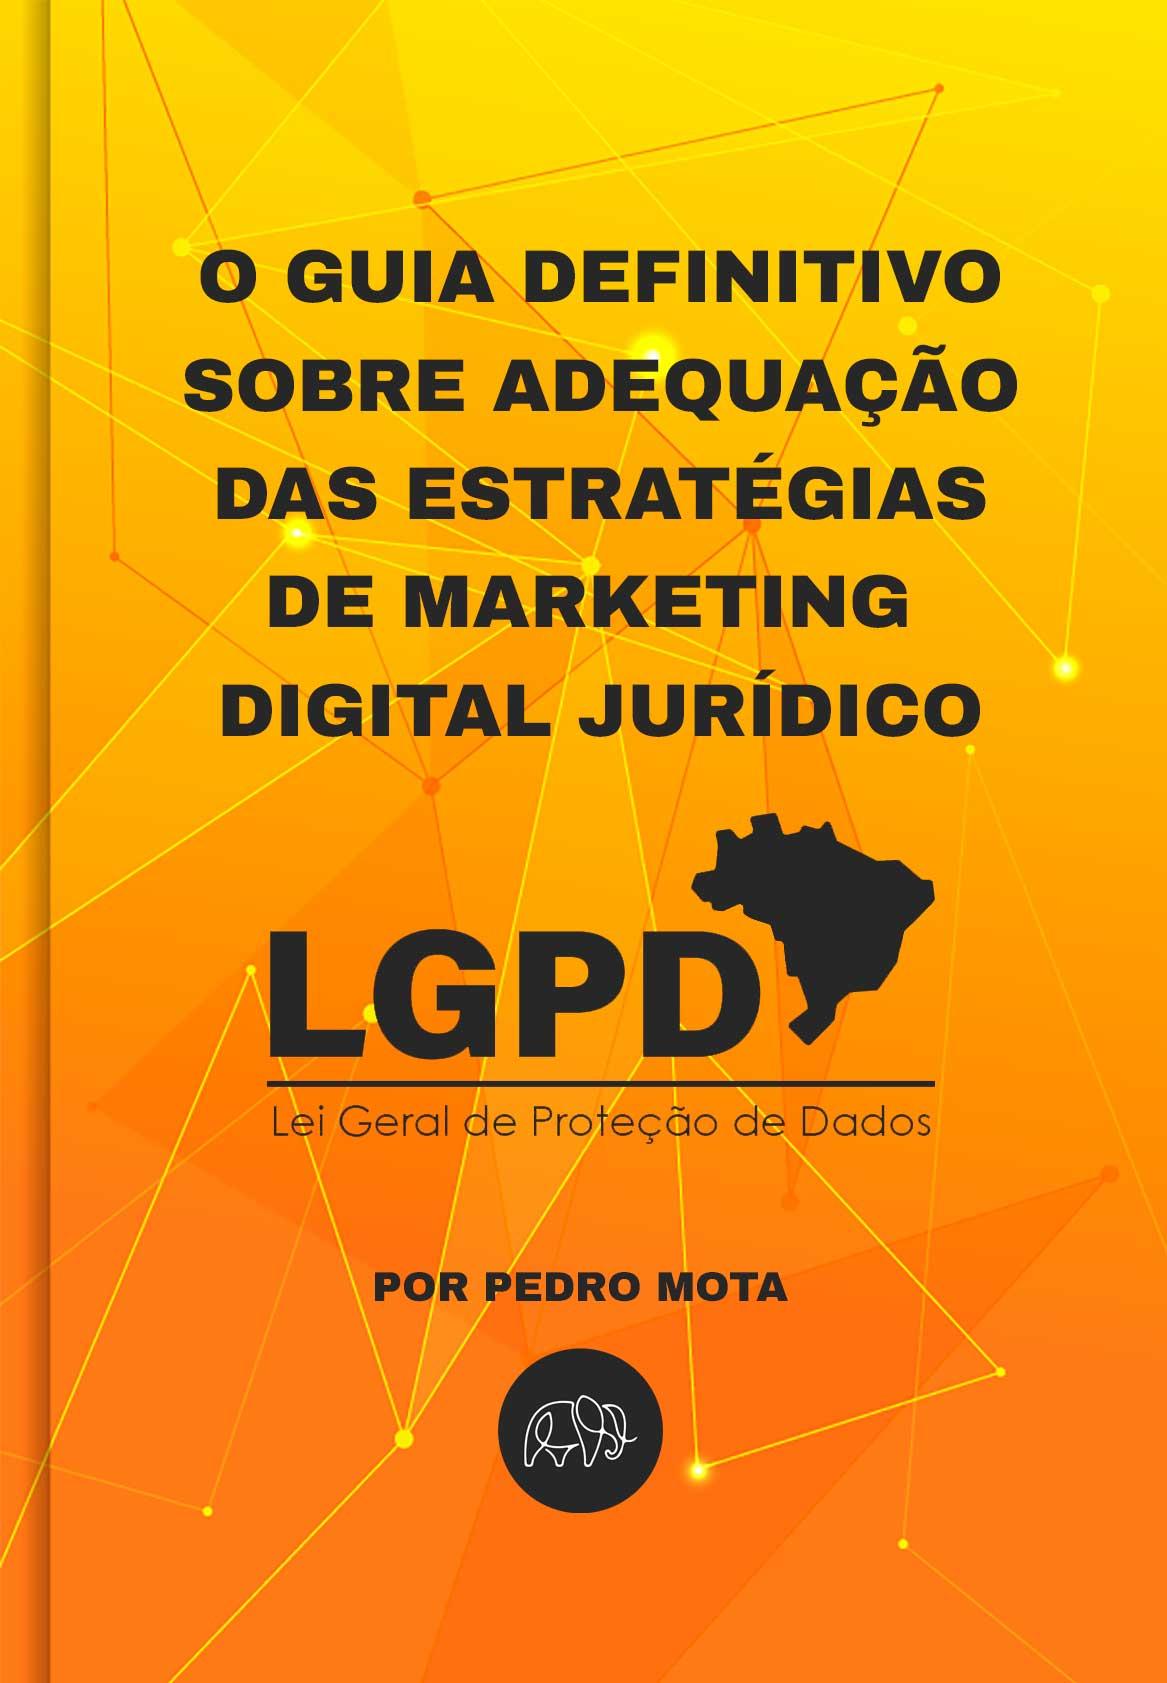 Guia Definitivo LGPD - sobre adequação de marketing para LGPD (Lei Geral de Proteção de Dados Pessoais)